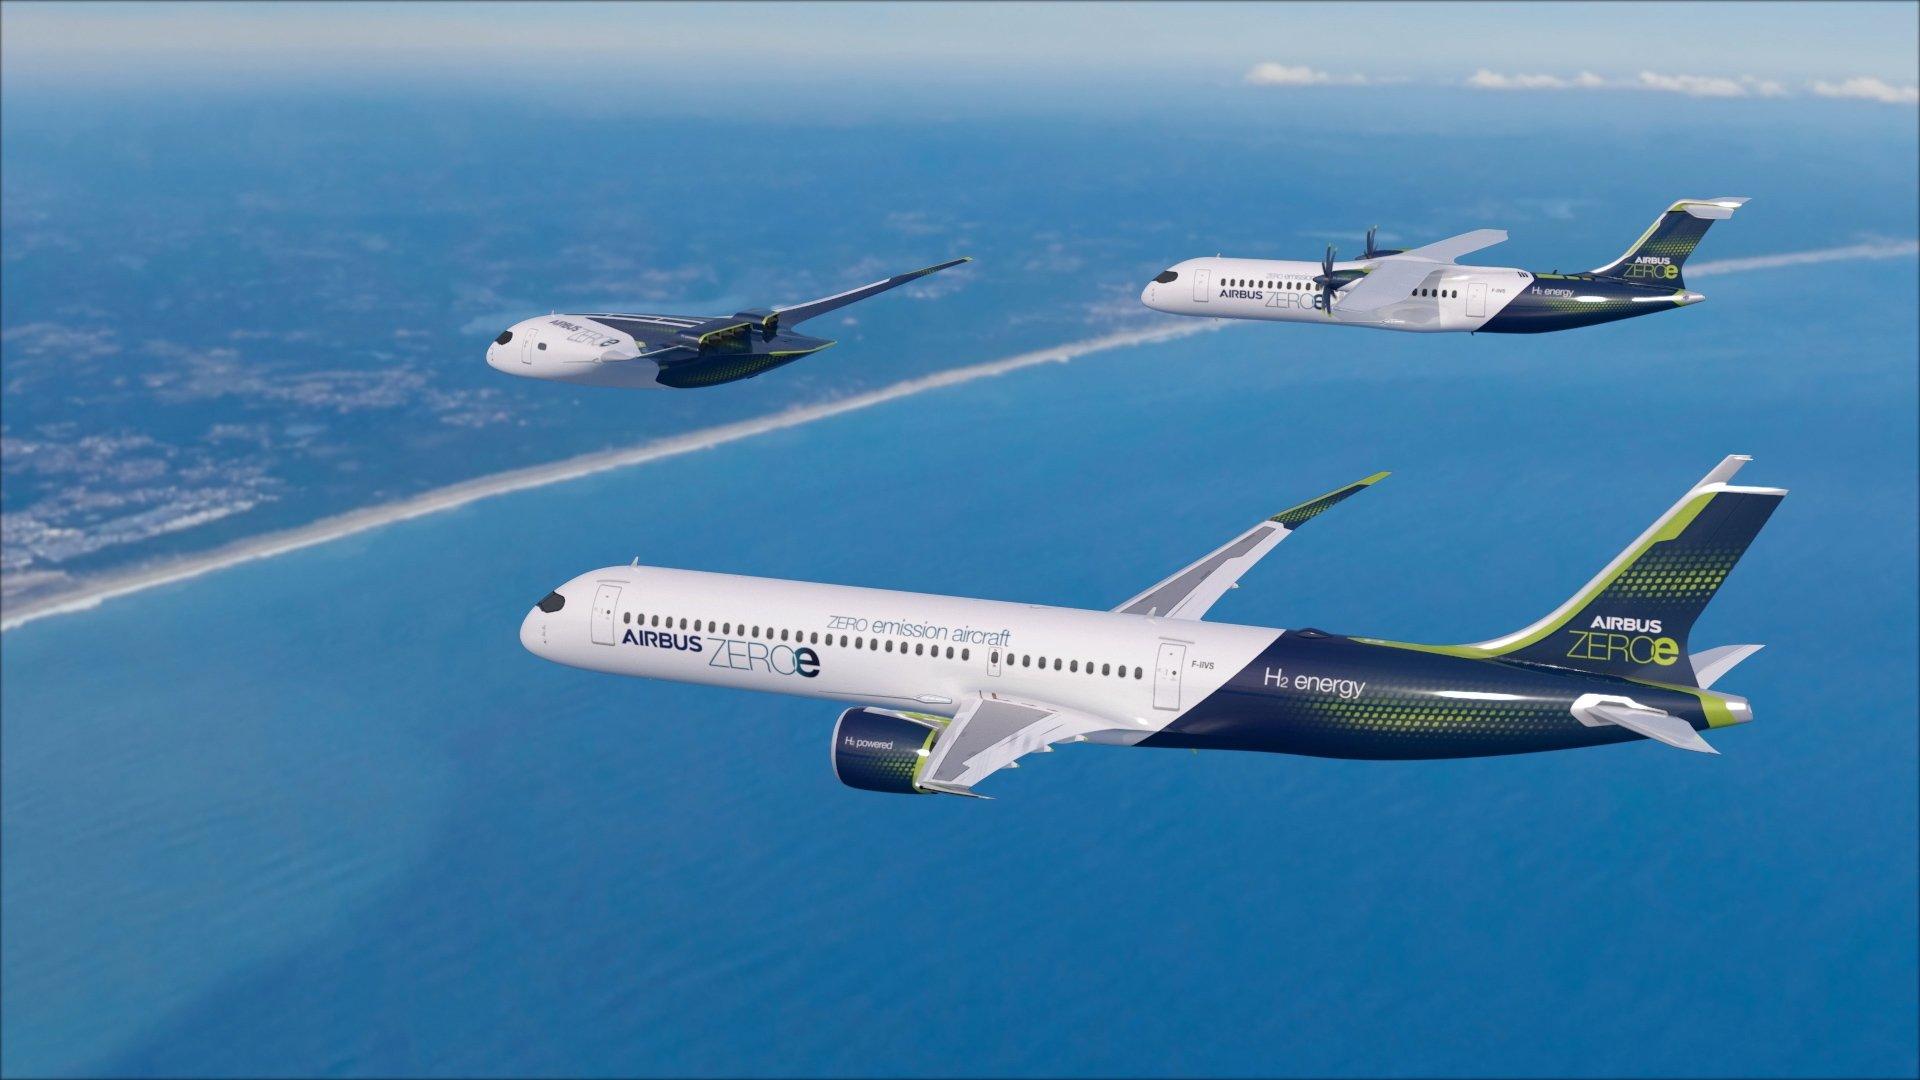 Airbus Zero Emission Patrol Flight